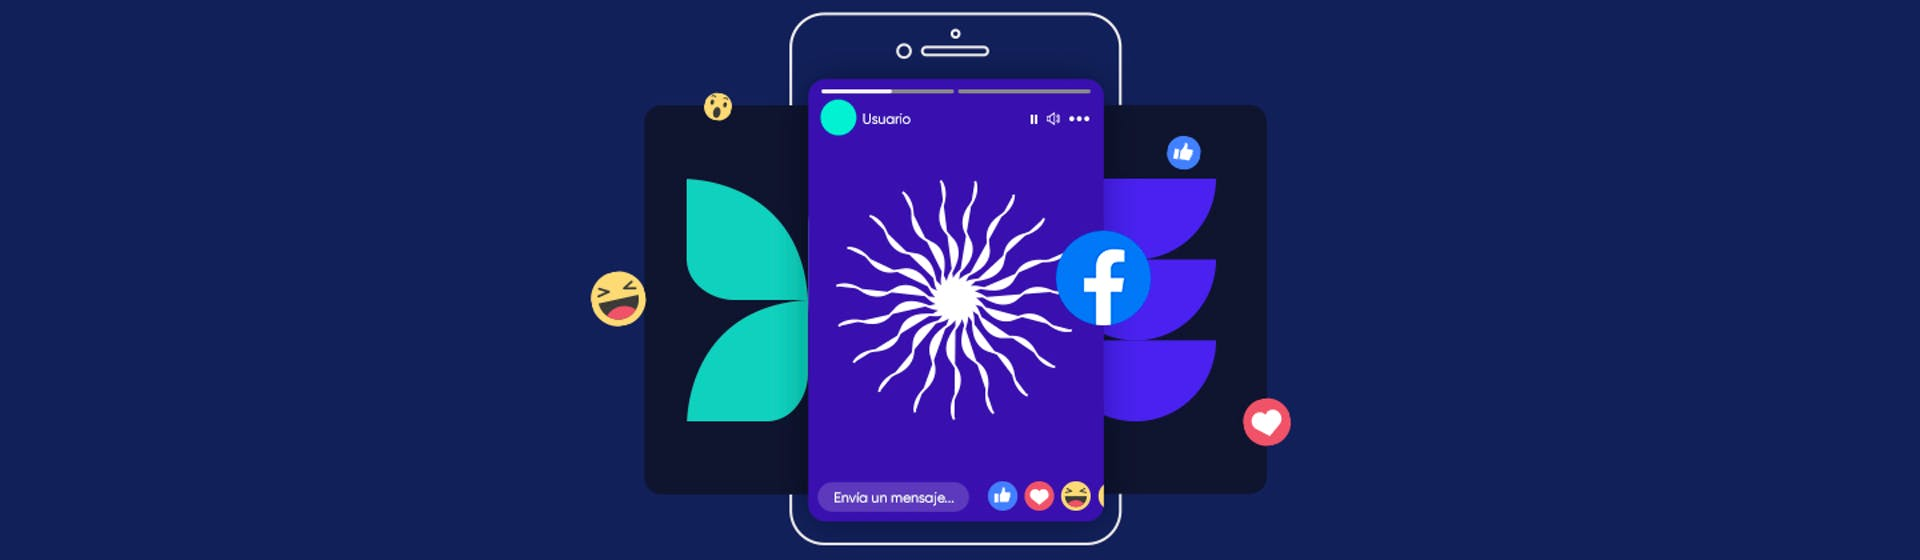 Facebook Stories: ¡permanece en la mente de tu audiencia más de 24 horas!